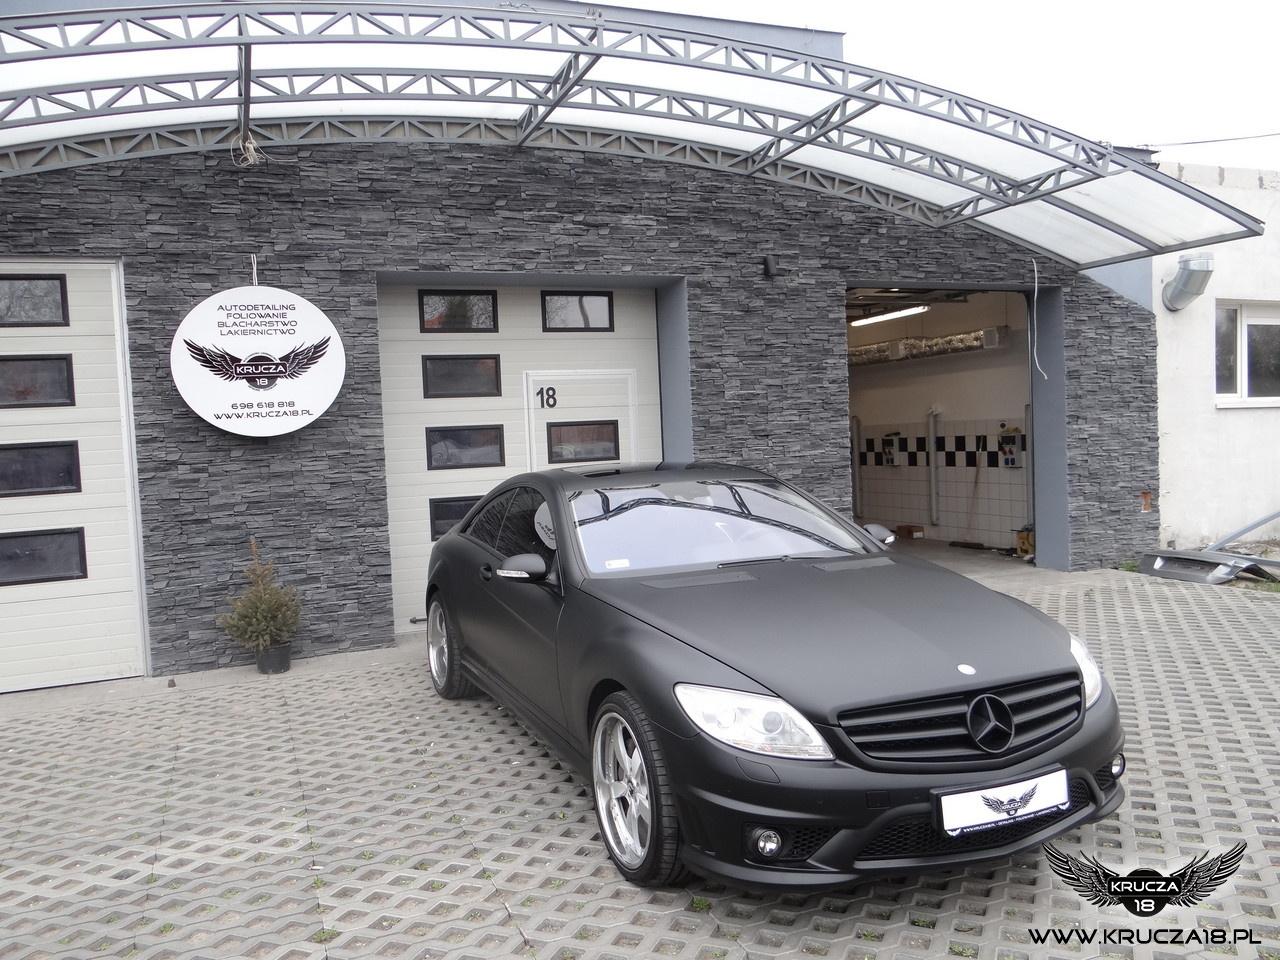 MARCEDES CL : zmiana koloru auta folią : czarny mat + wnętrze carbon + przyciemnione tylne lampy : Krucza18 : Osielsko/k.Bydgoszczy